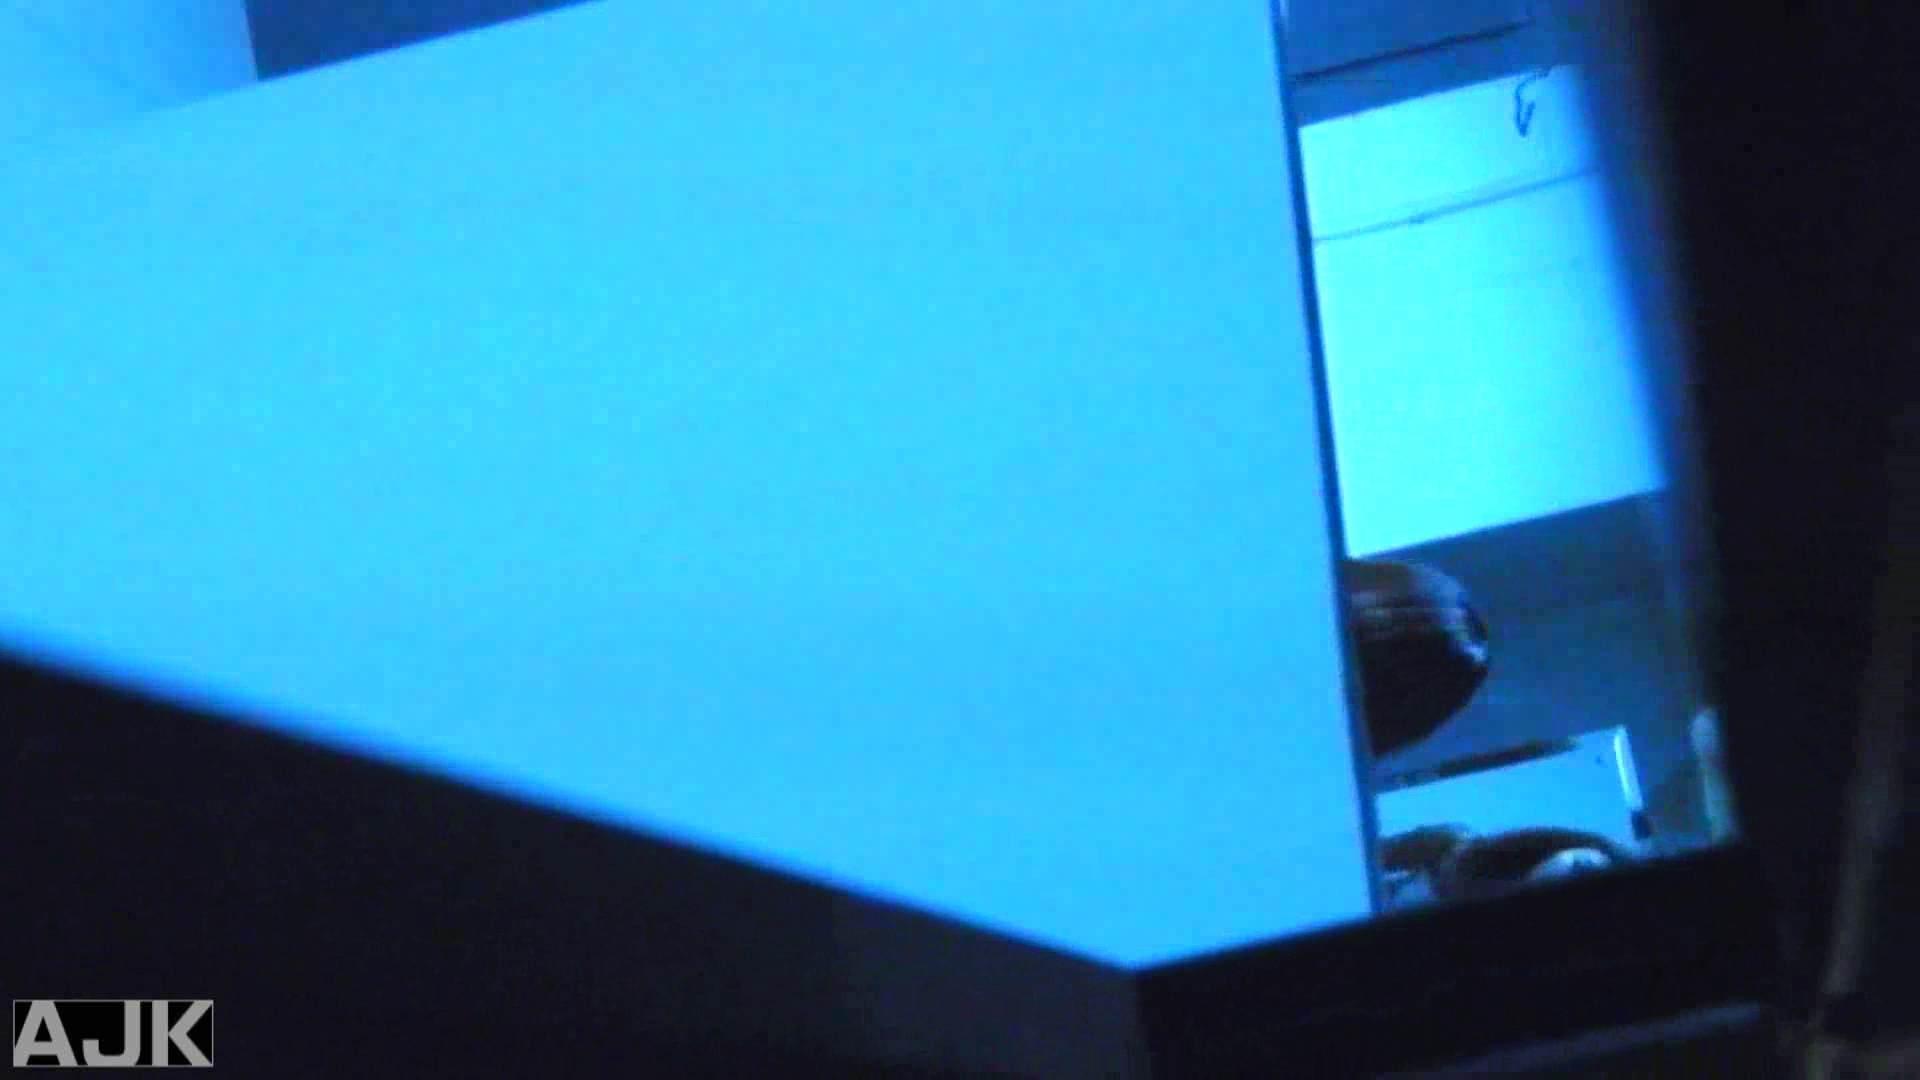 神降臨!史上最強の潜入かわや! vol.22 オマンコ 盗撮セックス無修正動画無料 98連発 20